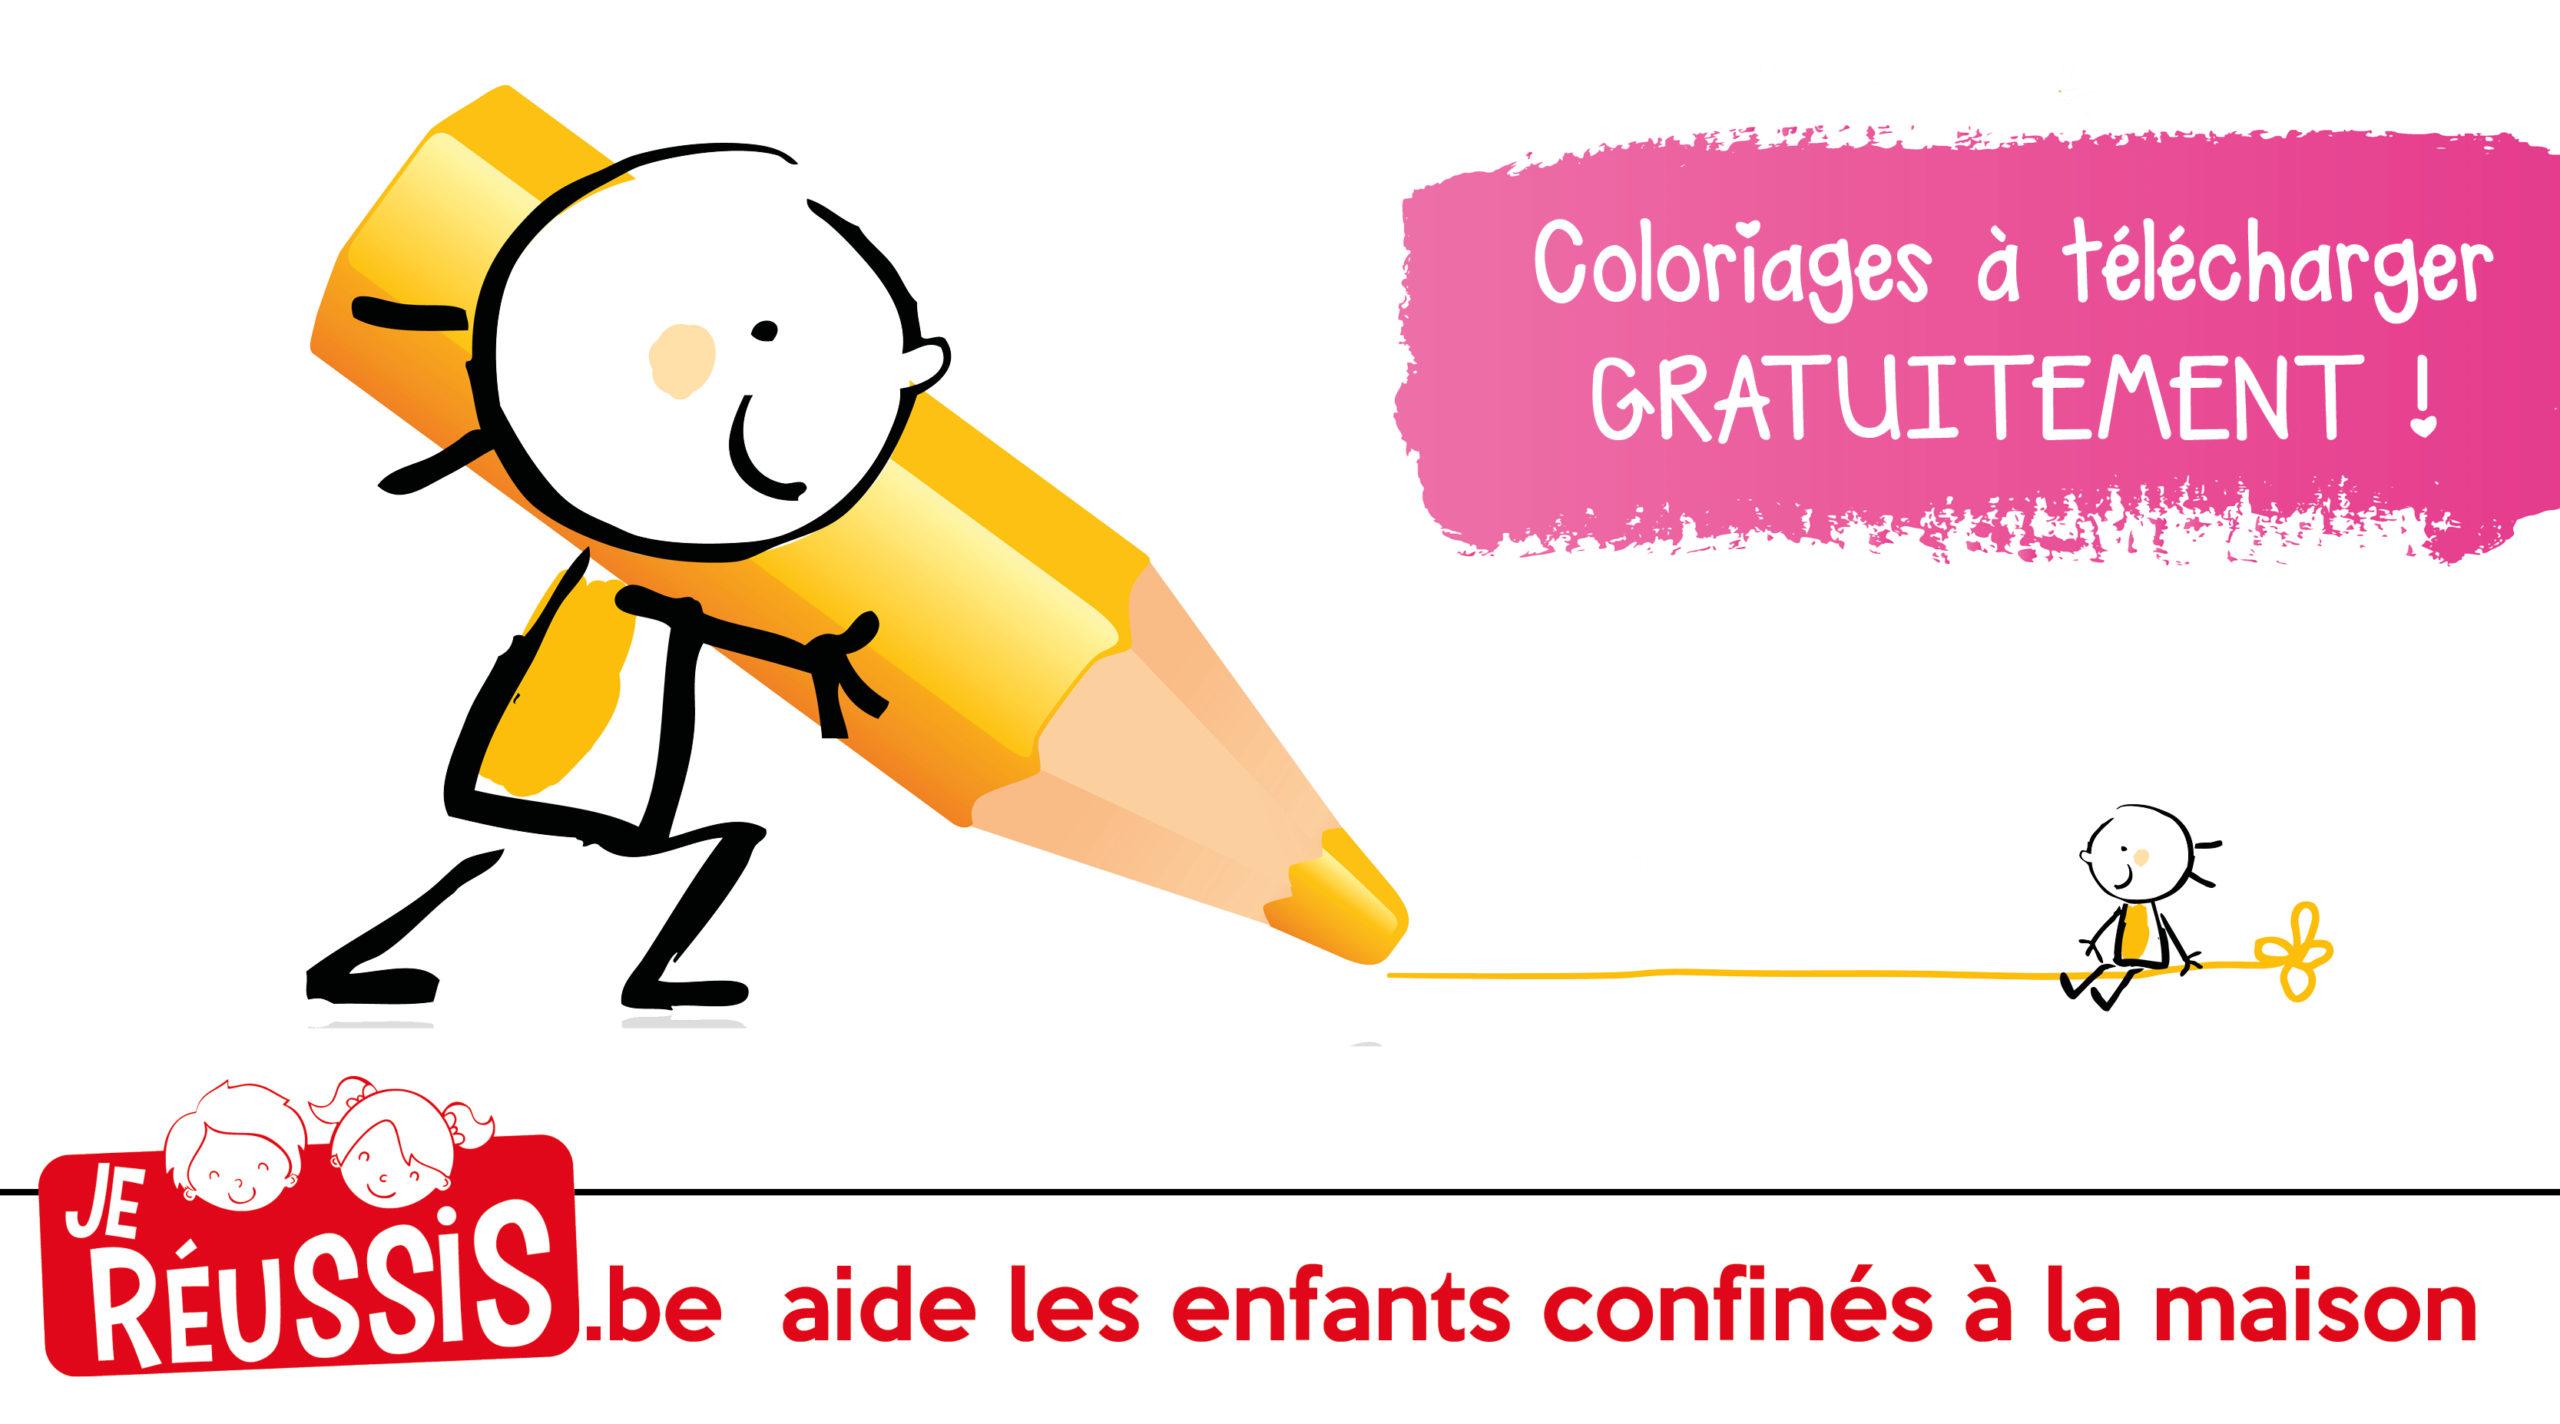 Des Coloriages Gratuits Pour Occuper Les Enfants Je Reussis